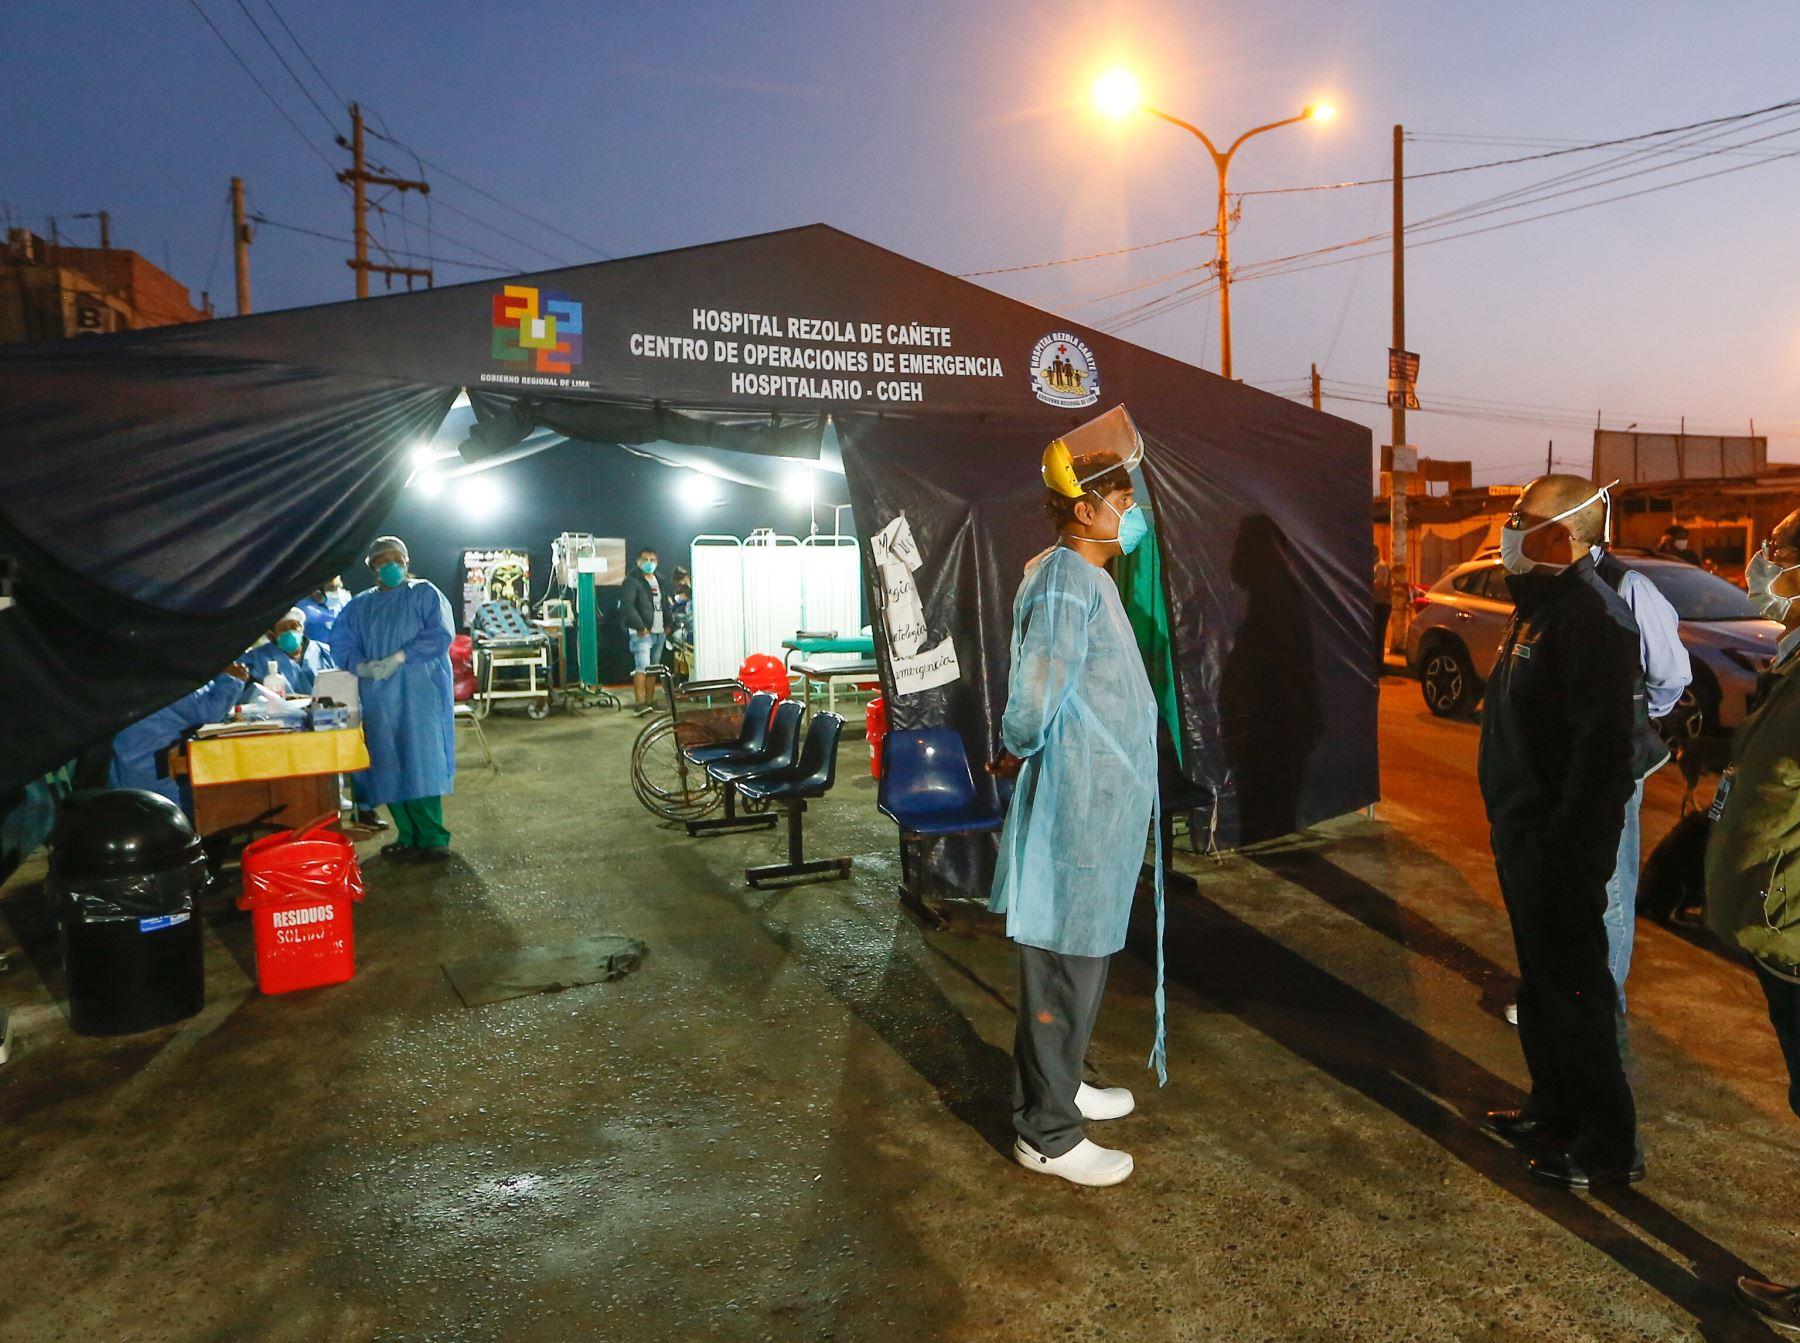 El ministro de Salud, Víctor Zamora, informó que se redoblarán las labores para enfrentar el dengue en la región Ica. Foto: ANDINA/Difusión